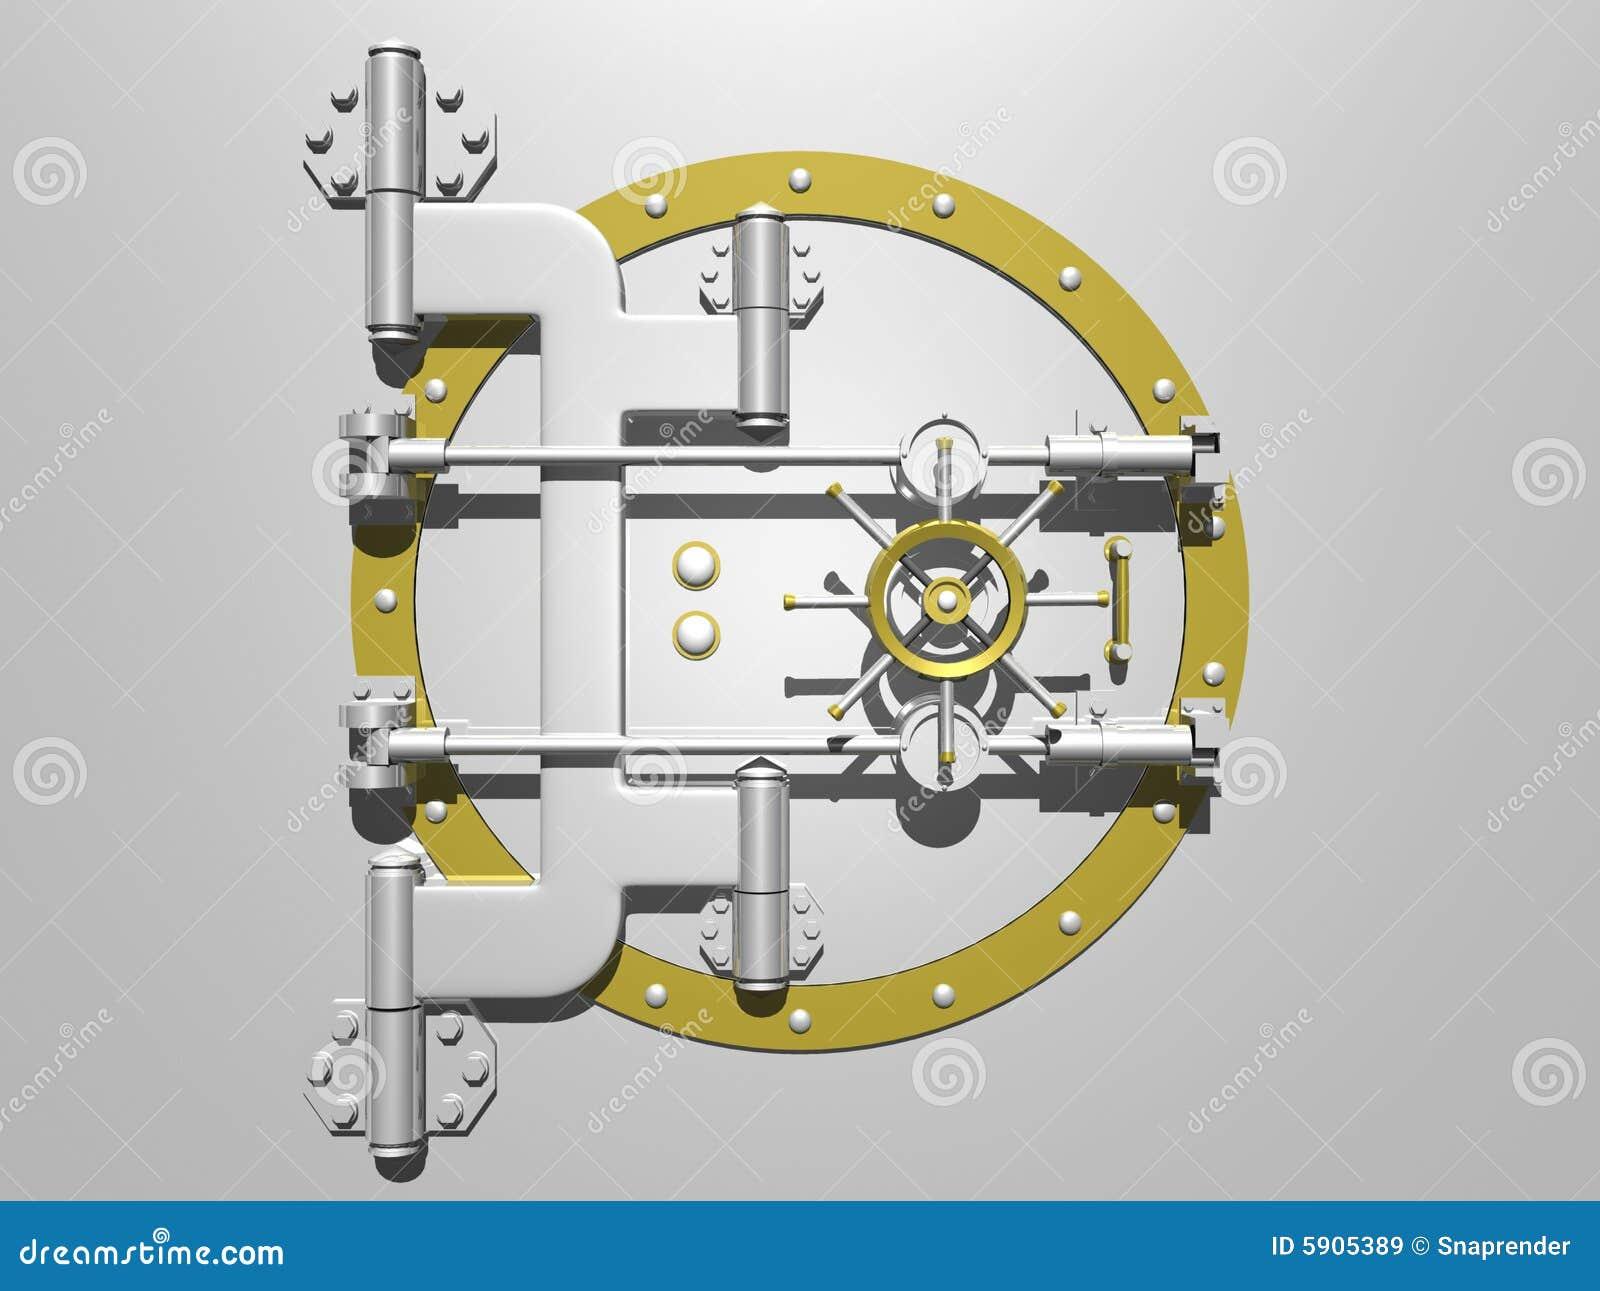 bitfdefender how to close vault